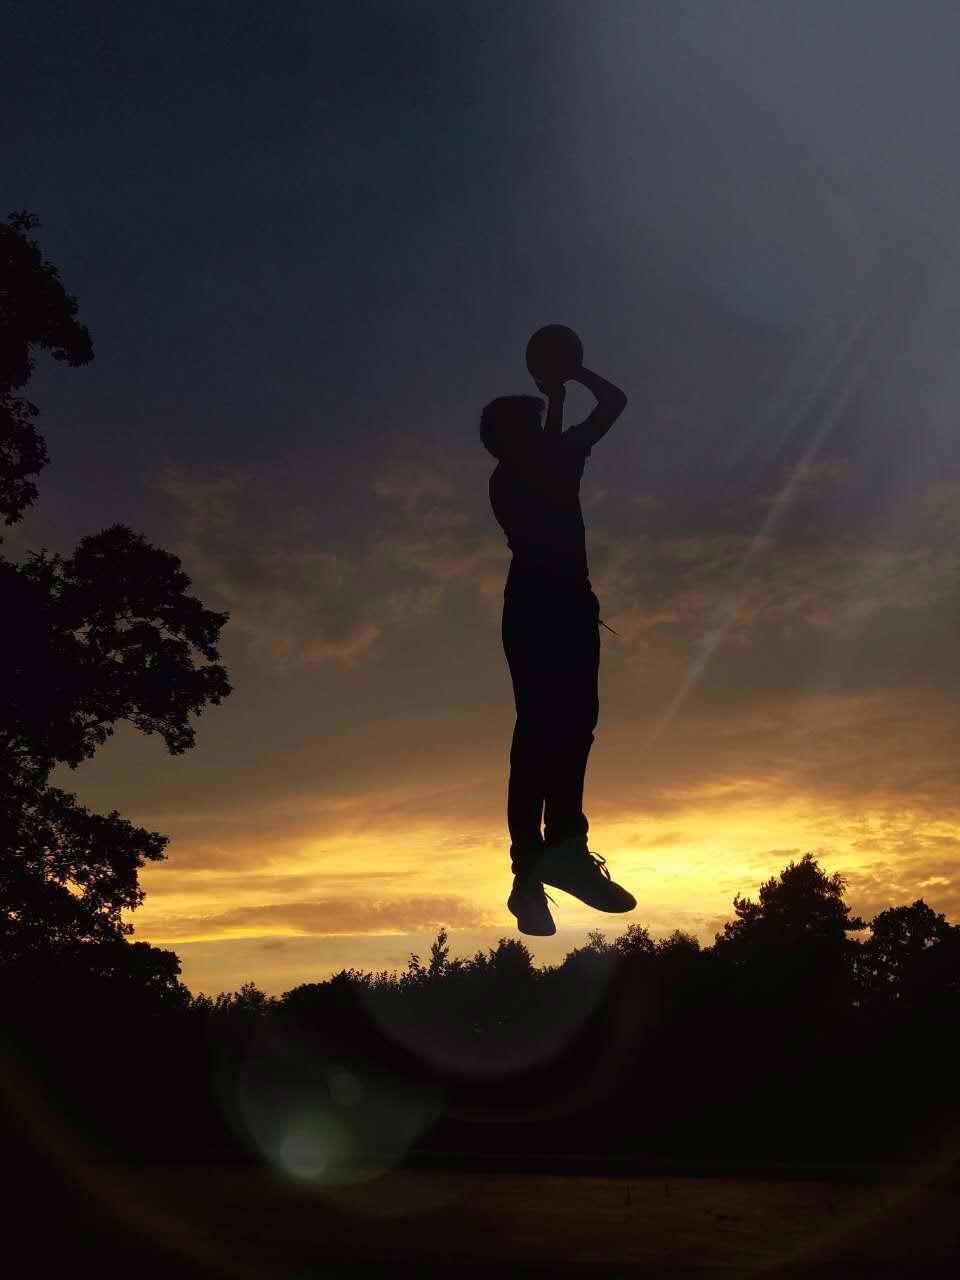 Basketball before dinner